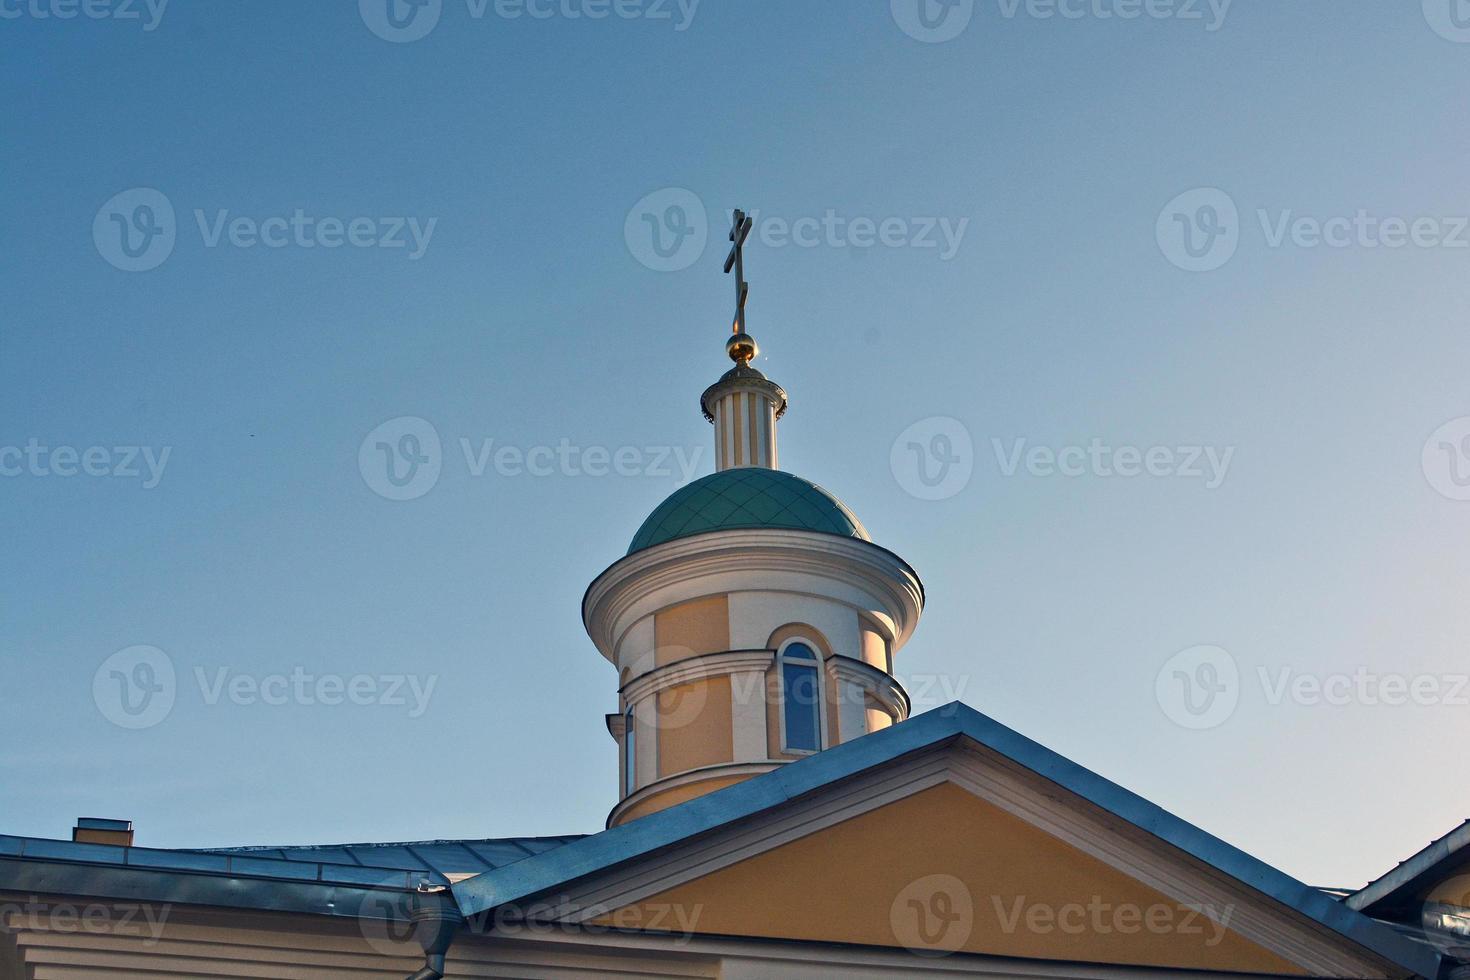 campanile ortodosso foto